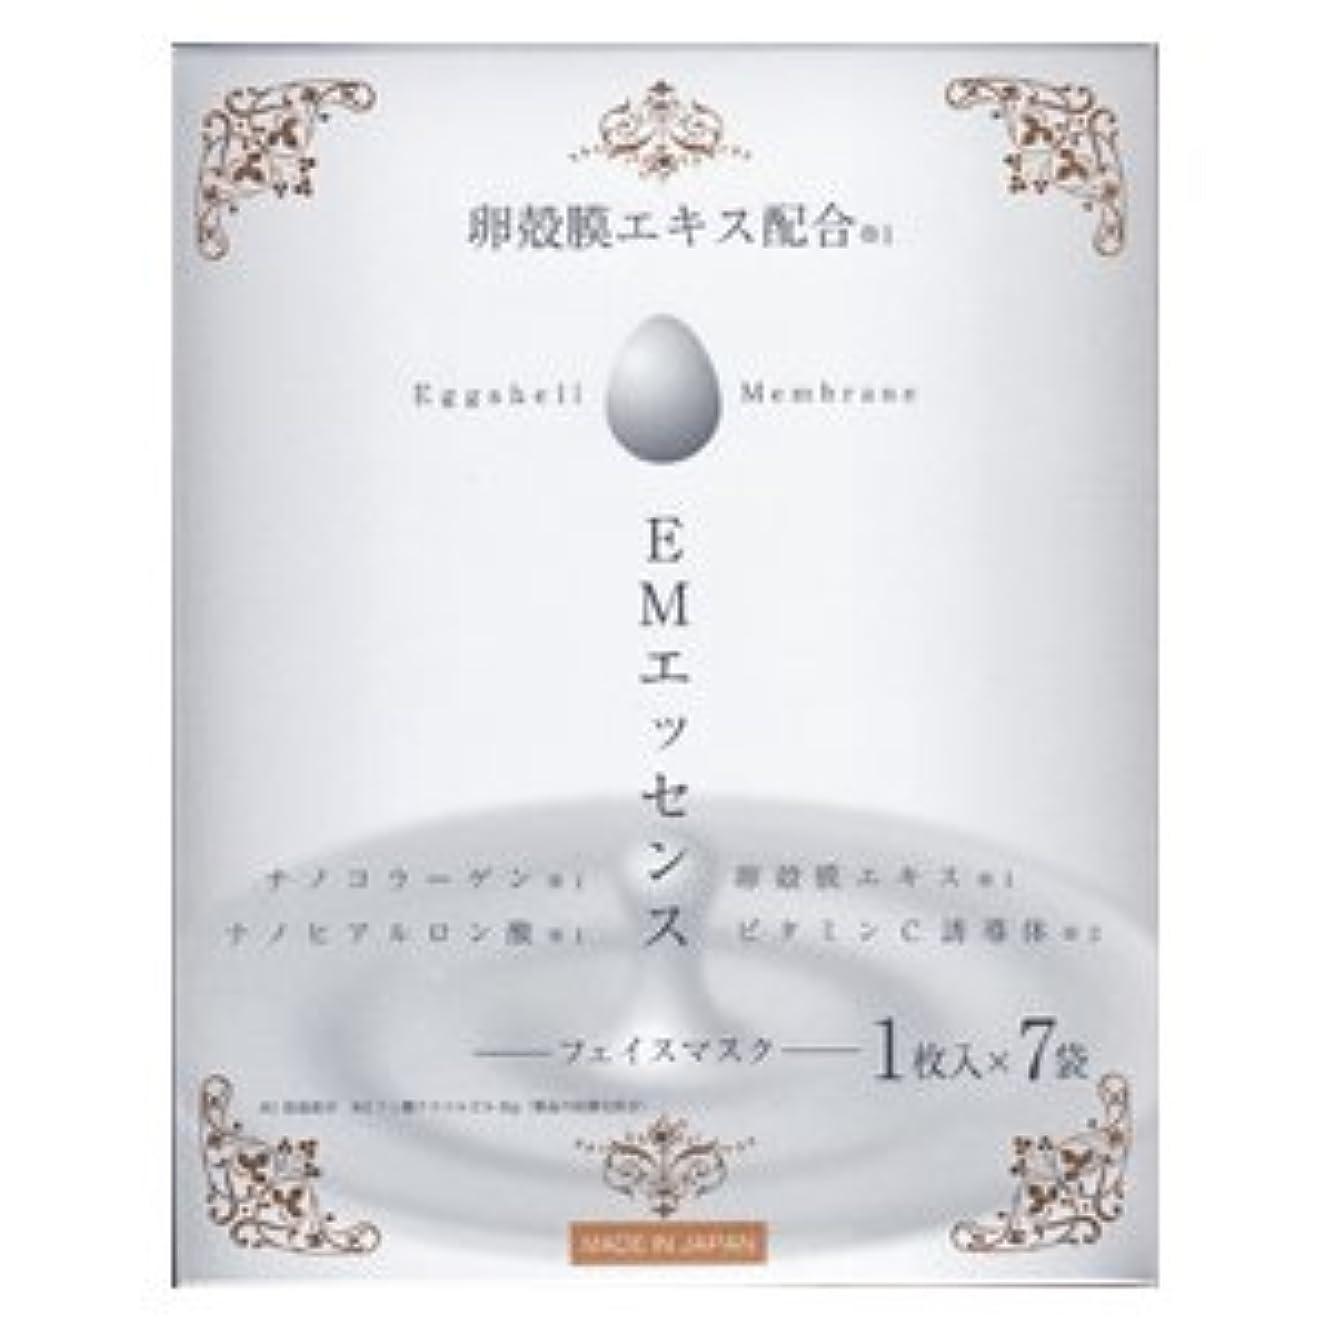 ライラックさびた急降下卵殻膜エキス配合 EMエッセンス フェイスマスク 1枚入×7袋